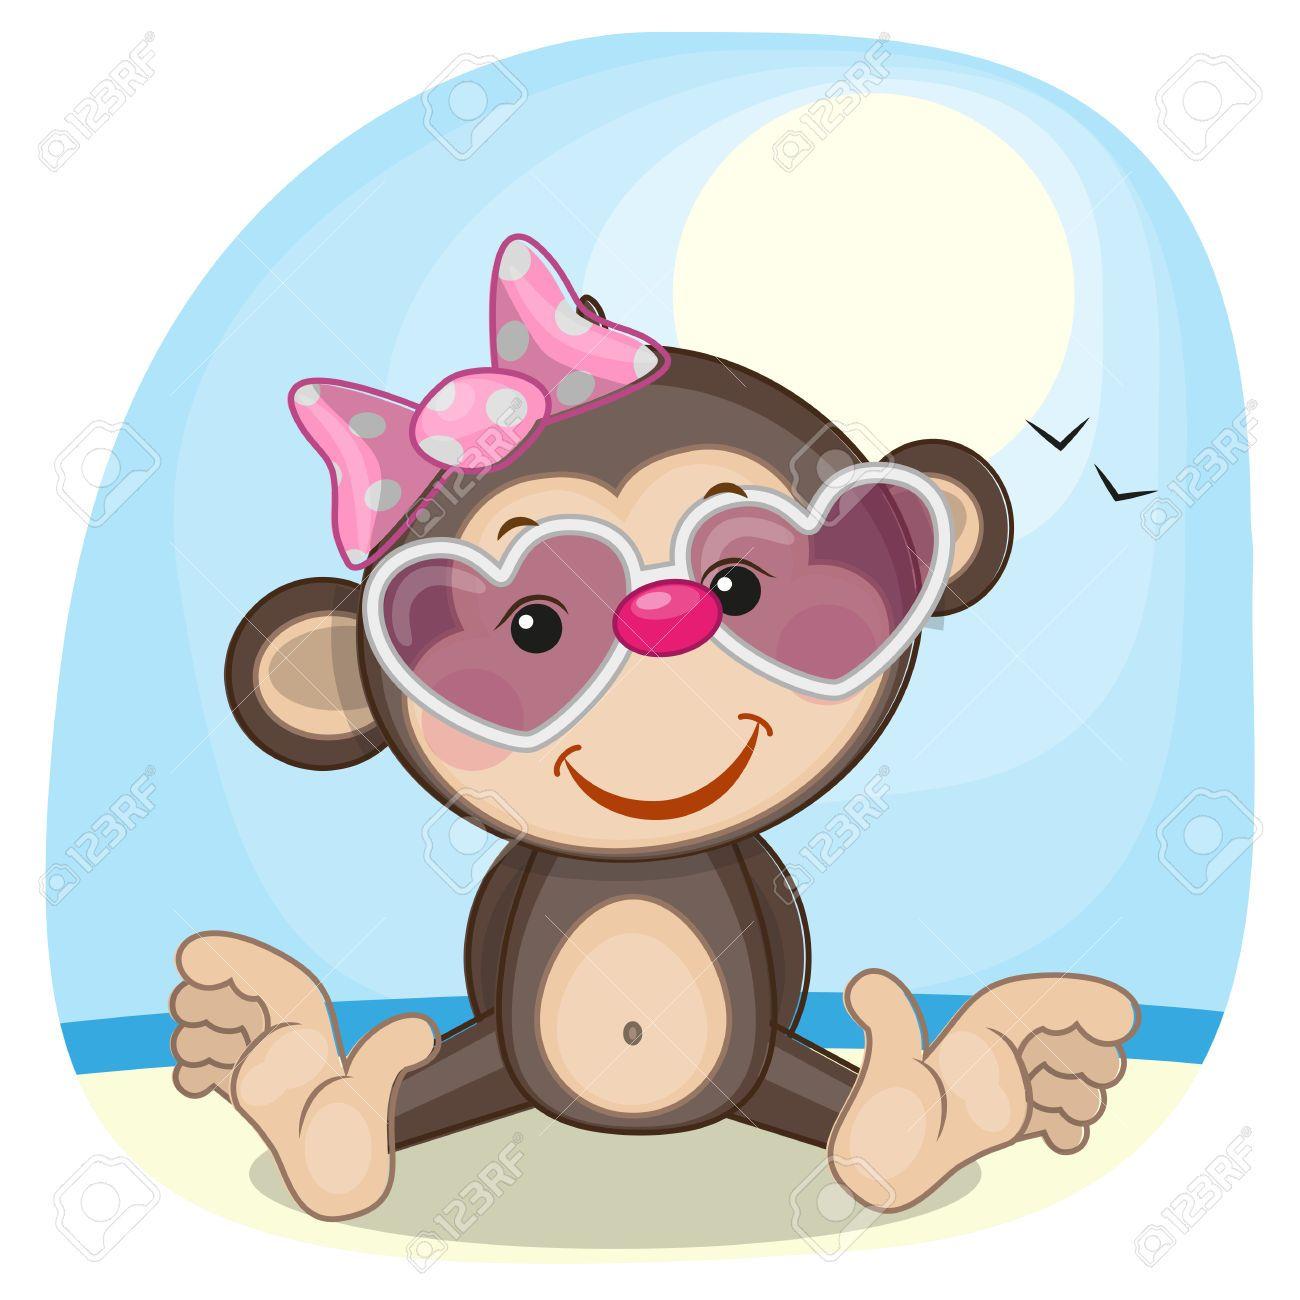 Resultado De Imagen De Imagenes De Monos Animados Monkey Illustration Cute Cartoon Wallpapers Cute Monkey